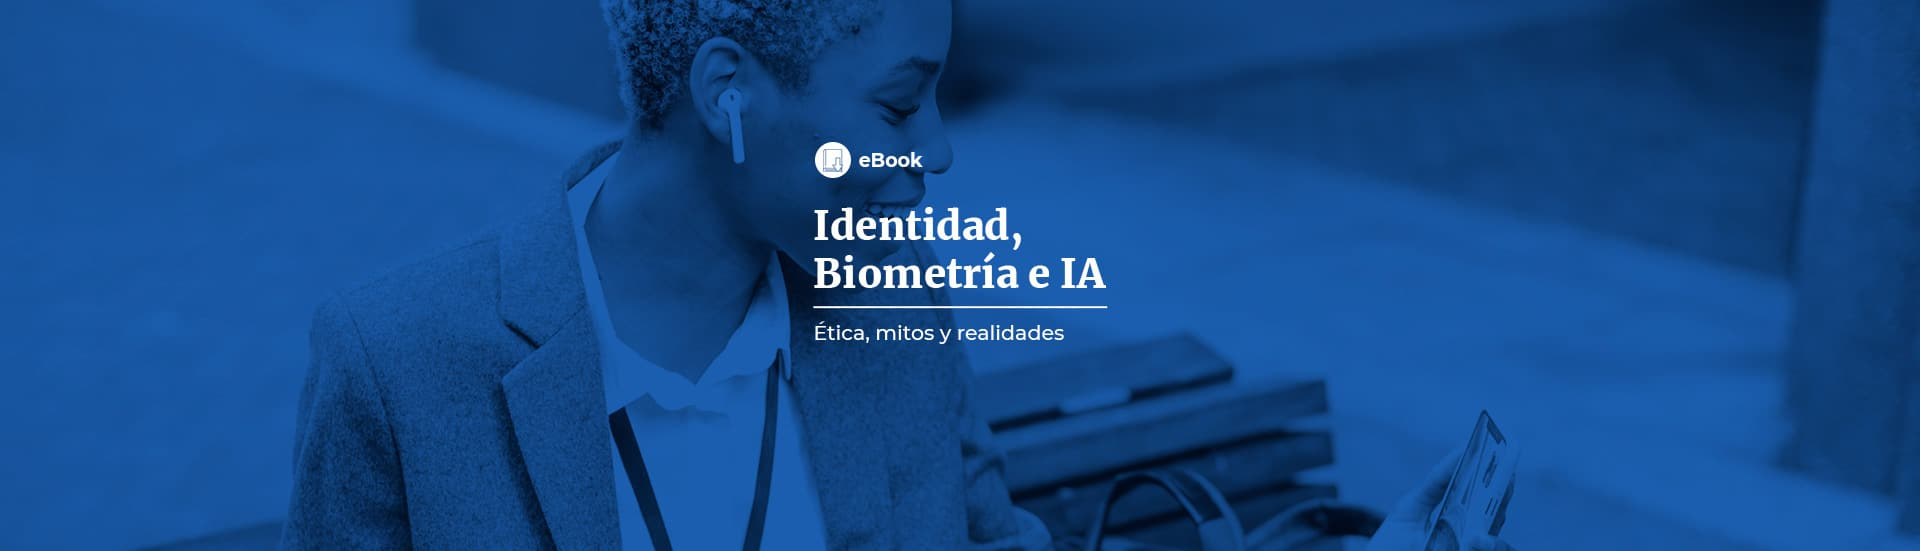 eBook Identidad BIometria e IA - Post